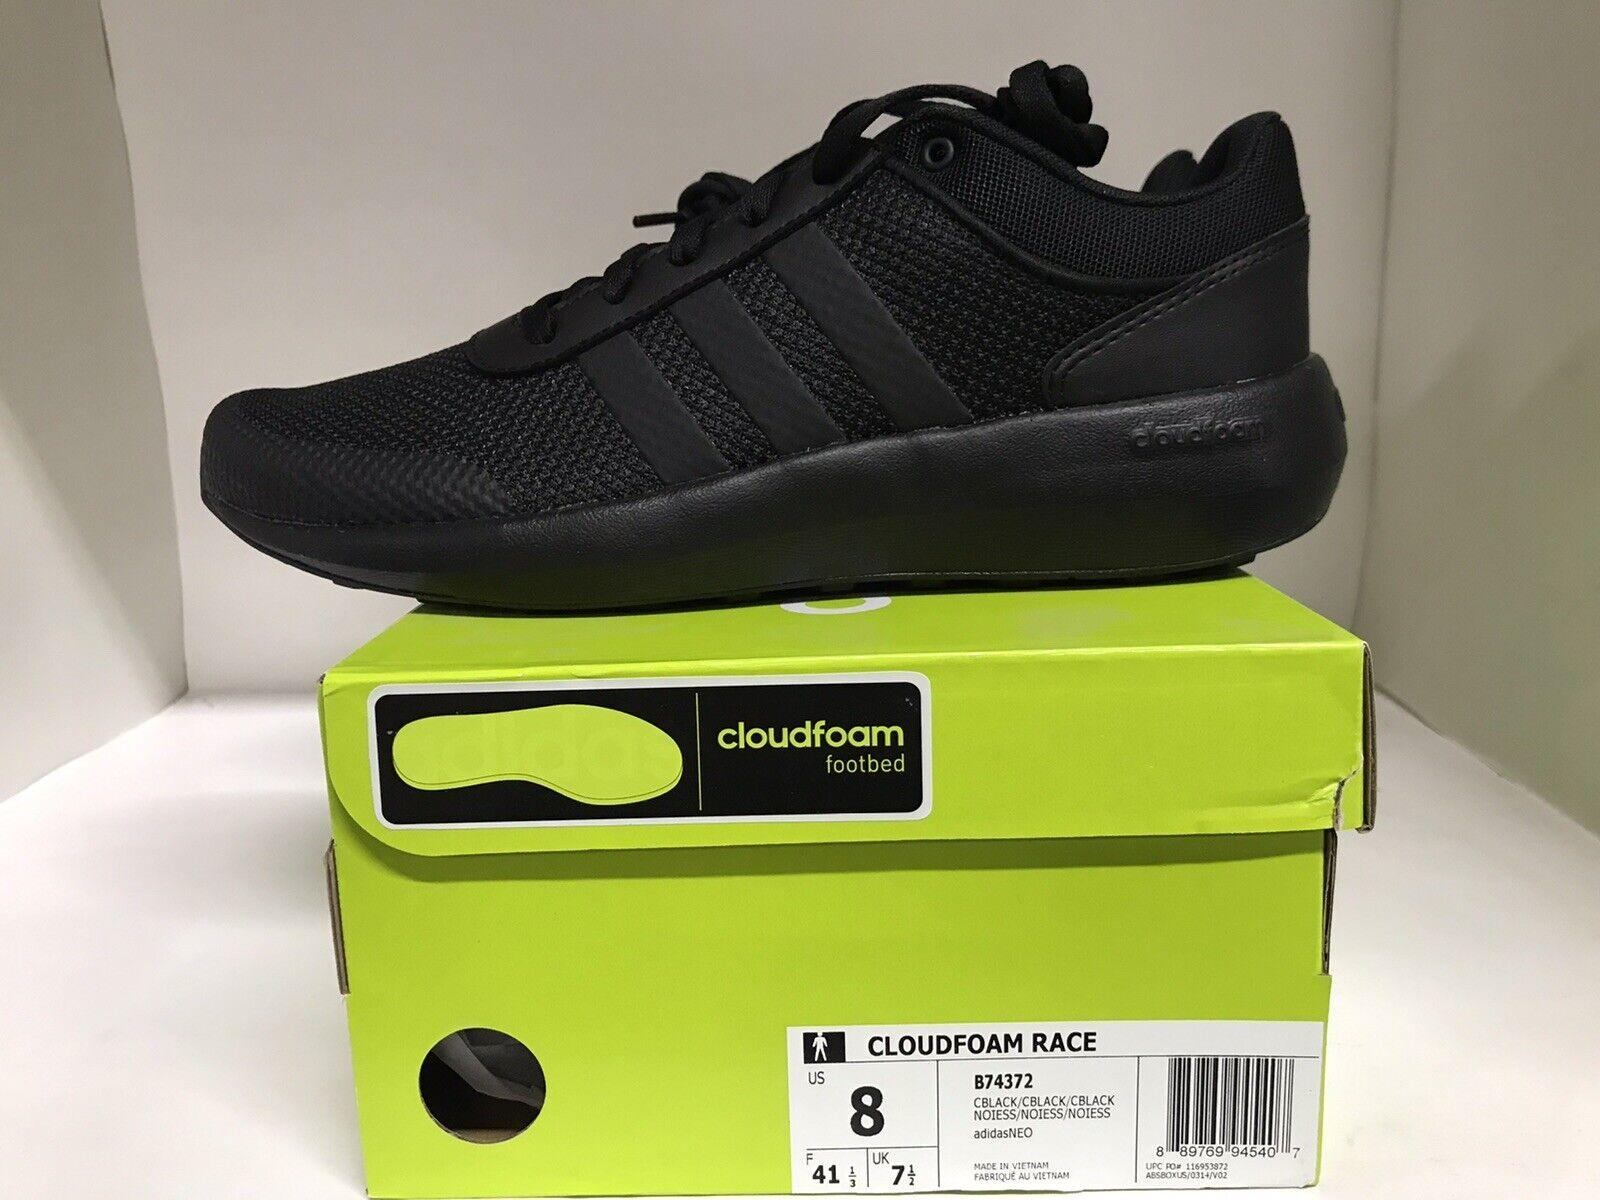 préstamo dinosaurio calor  adidas Neo Cloudfoam Ultimate Mens Sneaker Athletic Shoes Bc0018 Black Size  9 for sale online   eBay